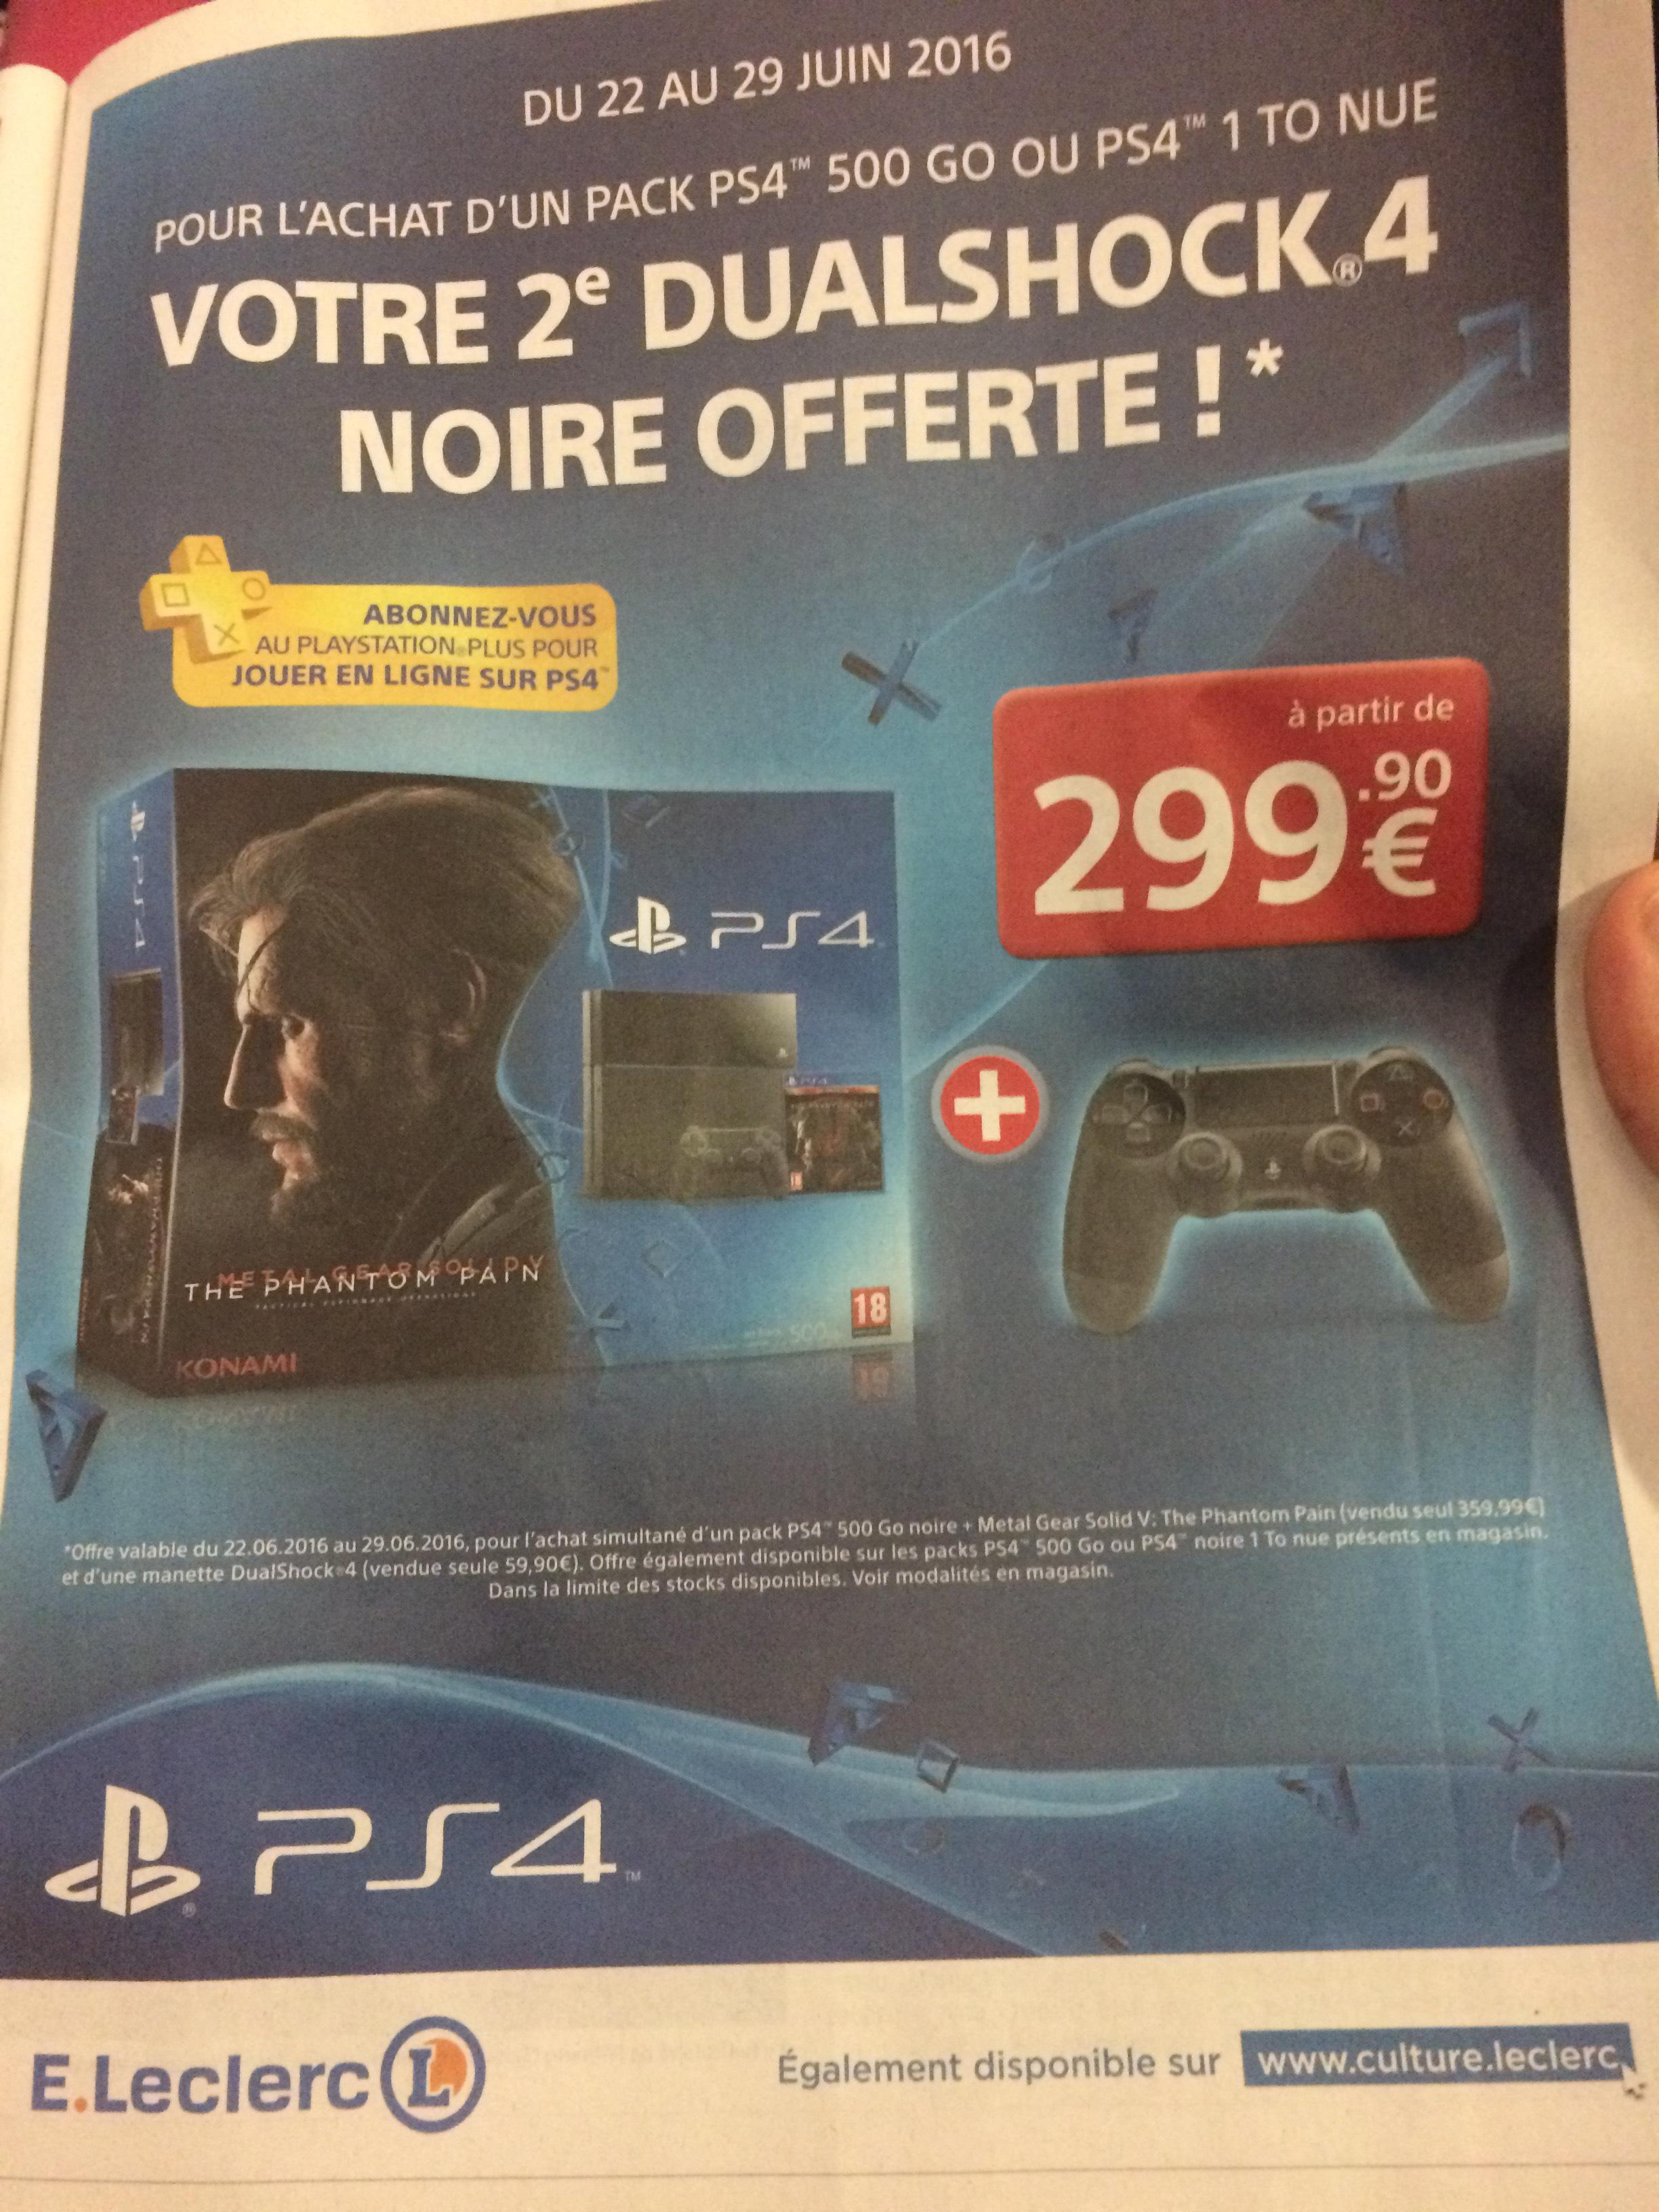 1 manette offerte pour l'achat d'un pack PS4 500 Go ou d'une PS4 1 To nue - Ex : Pack PS4 + Metal Gear Solid V + 2ème manette